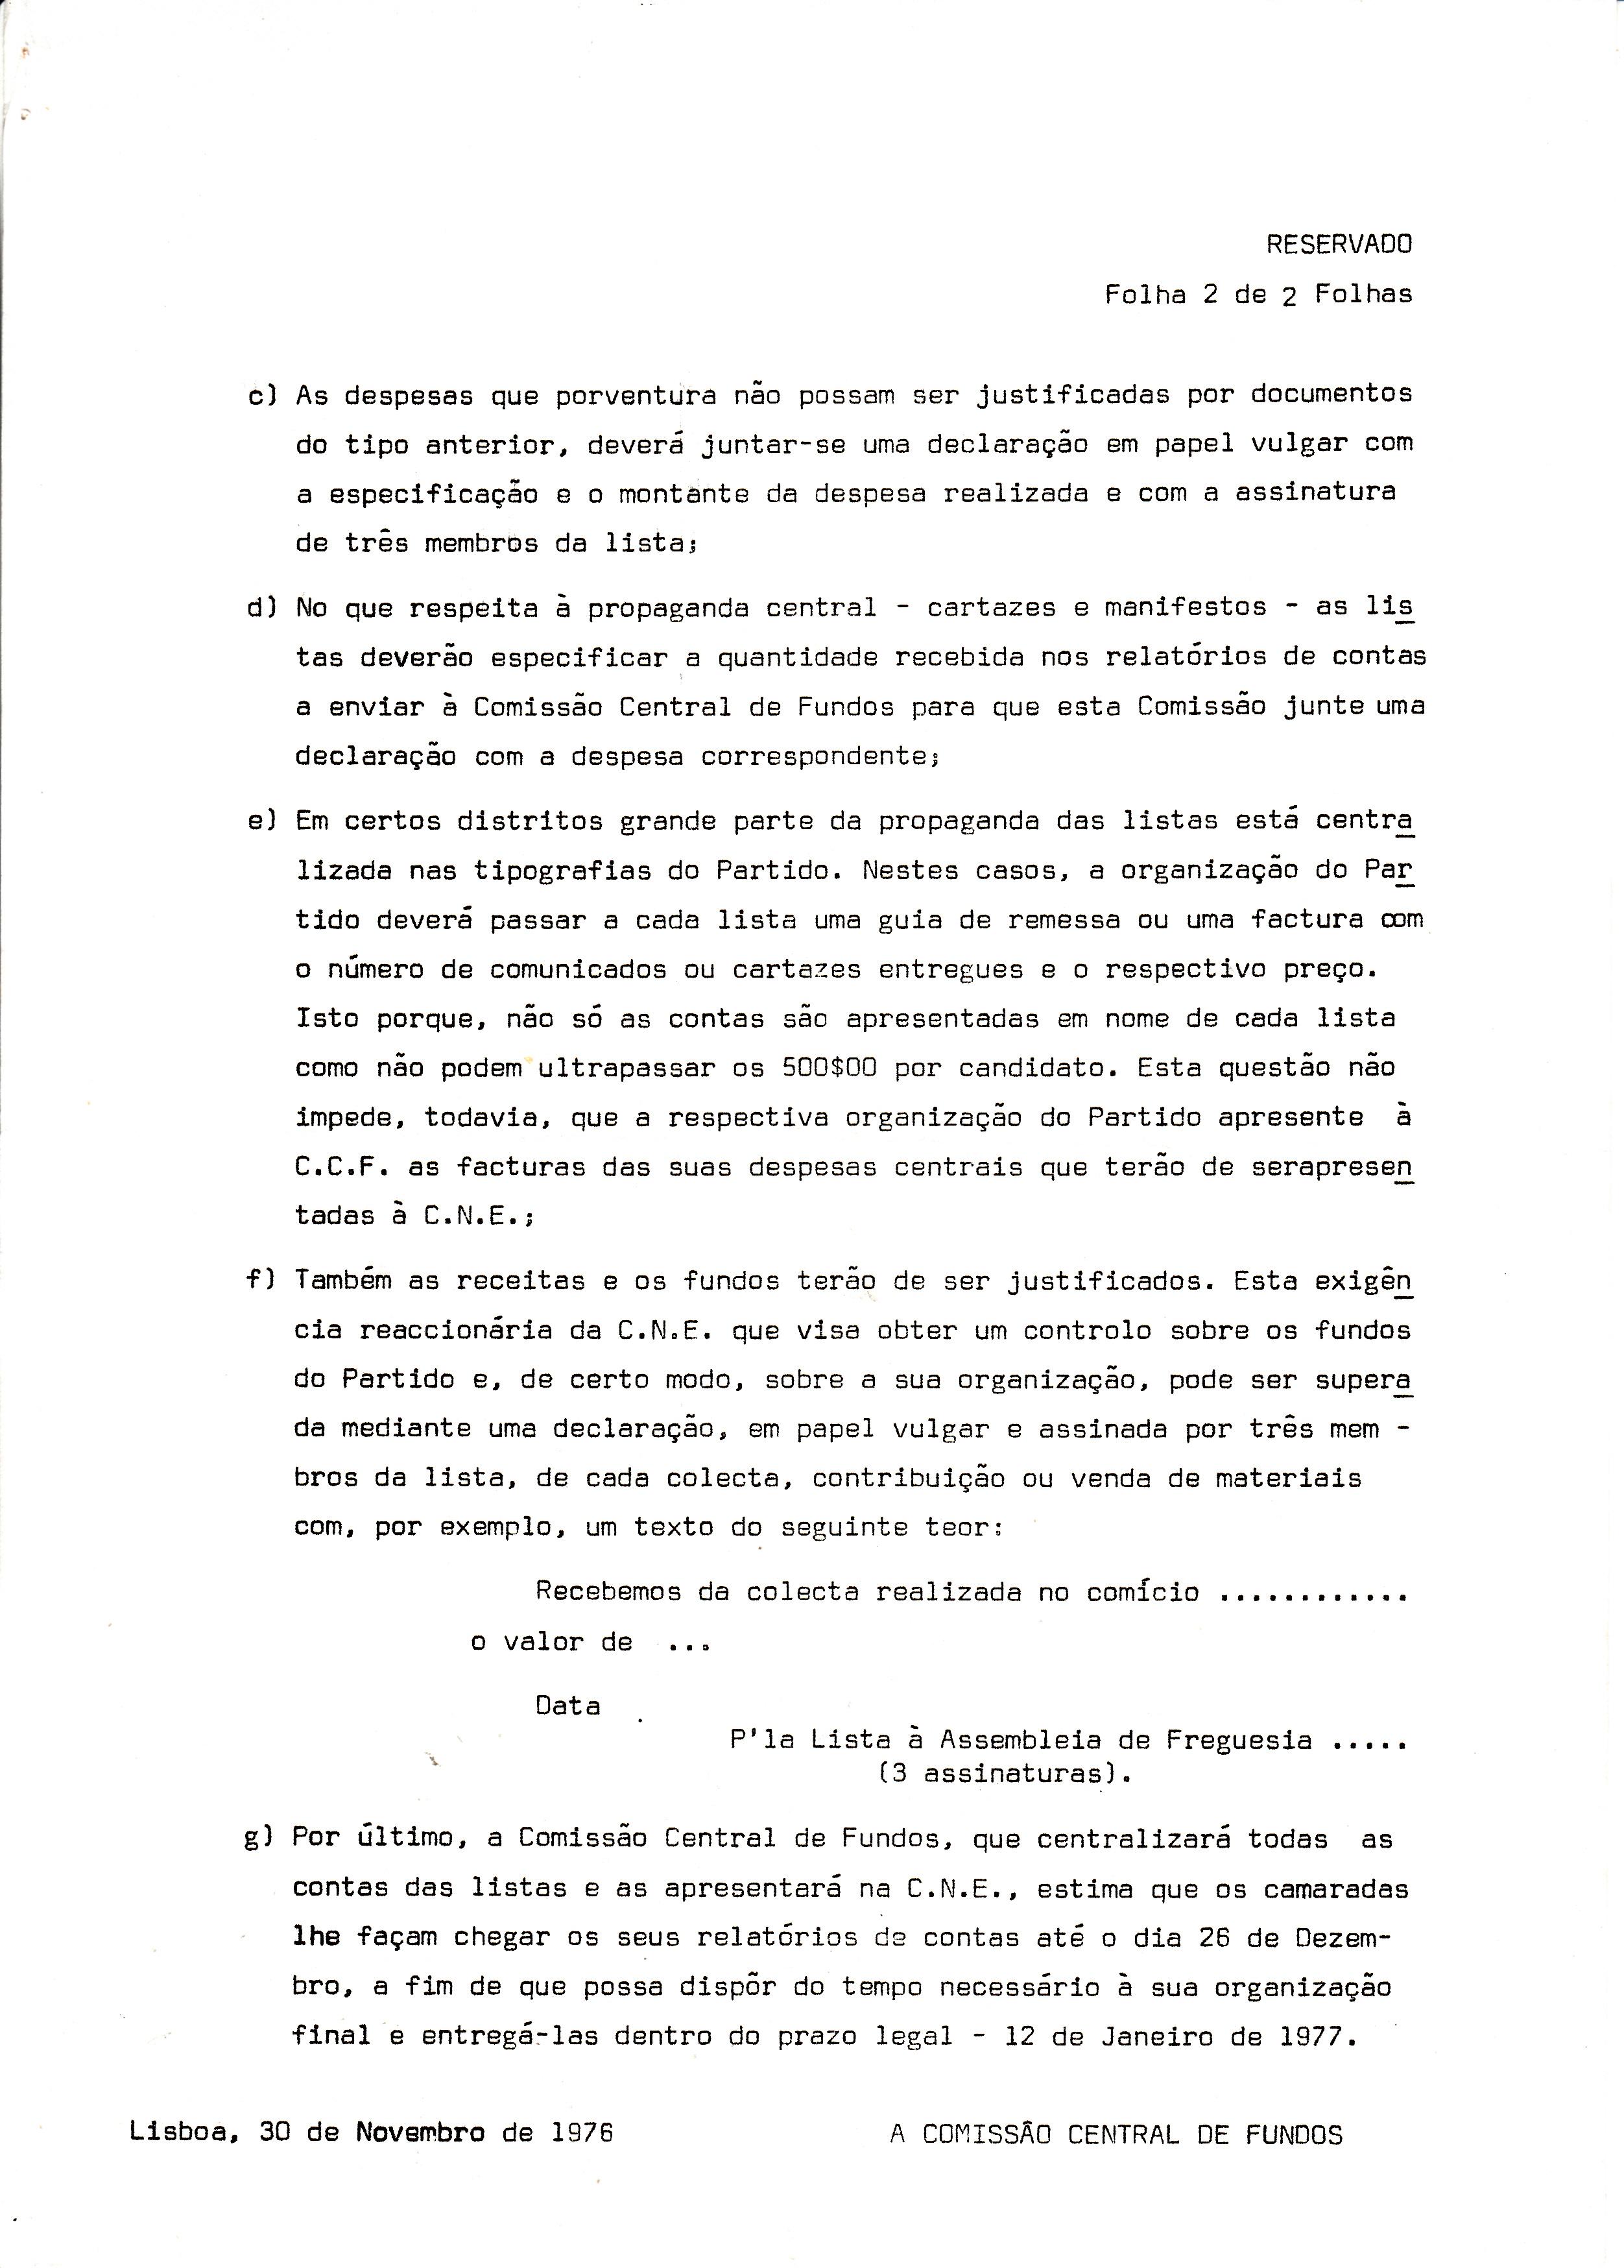 MRPP_1976_11_30_0002